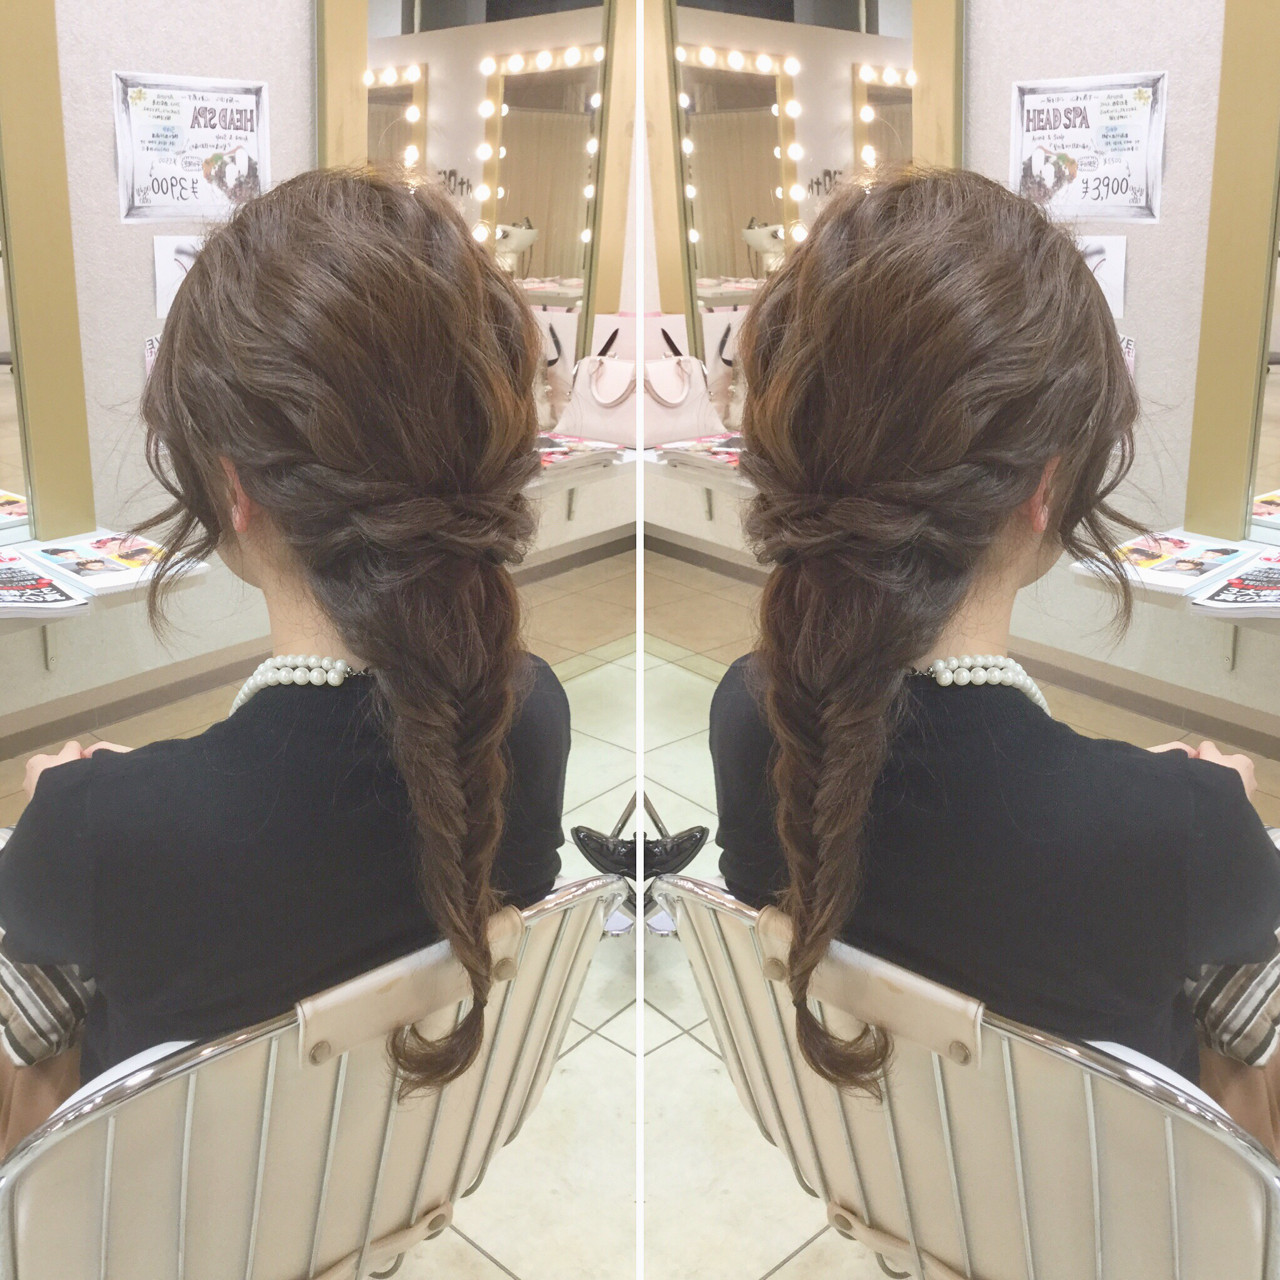 ヘアアレンジ エレガント ロング フィッシュボーン ヘアスタイルや髪型の写真・画像